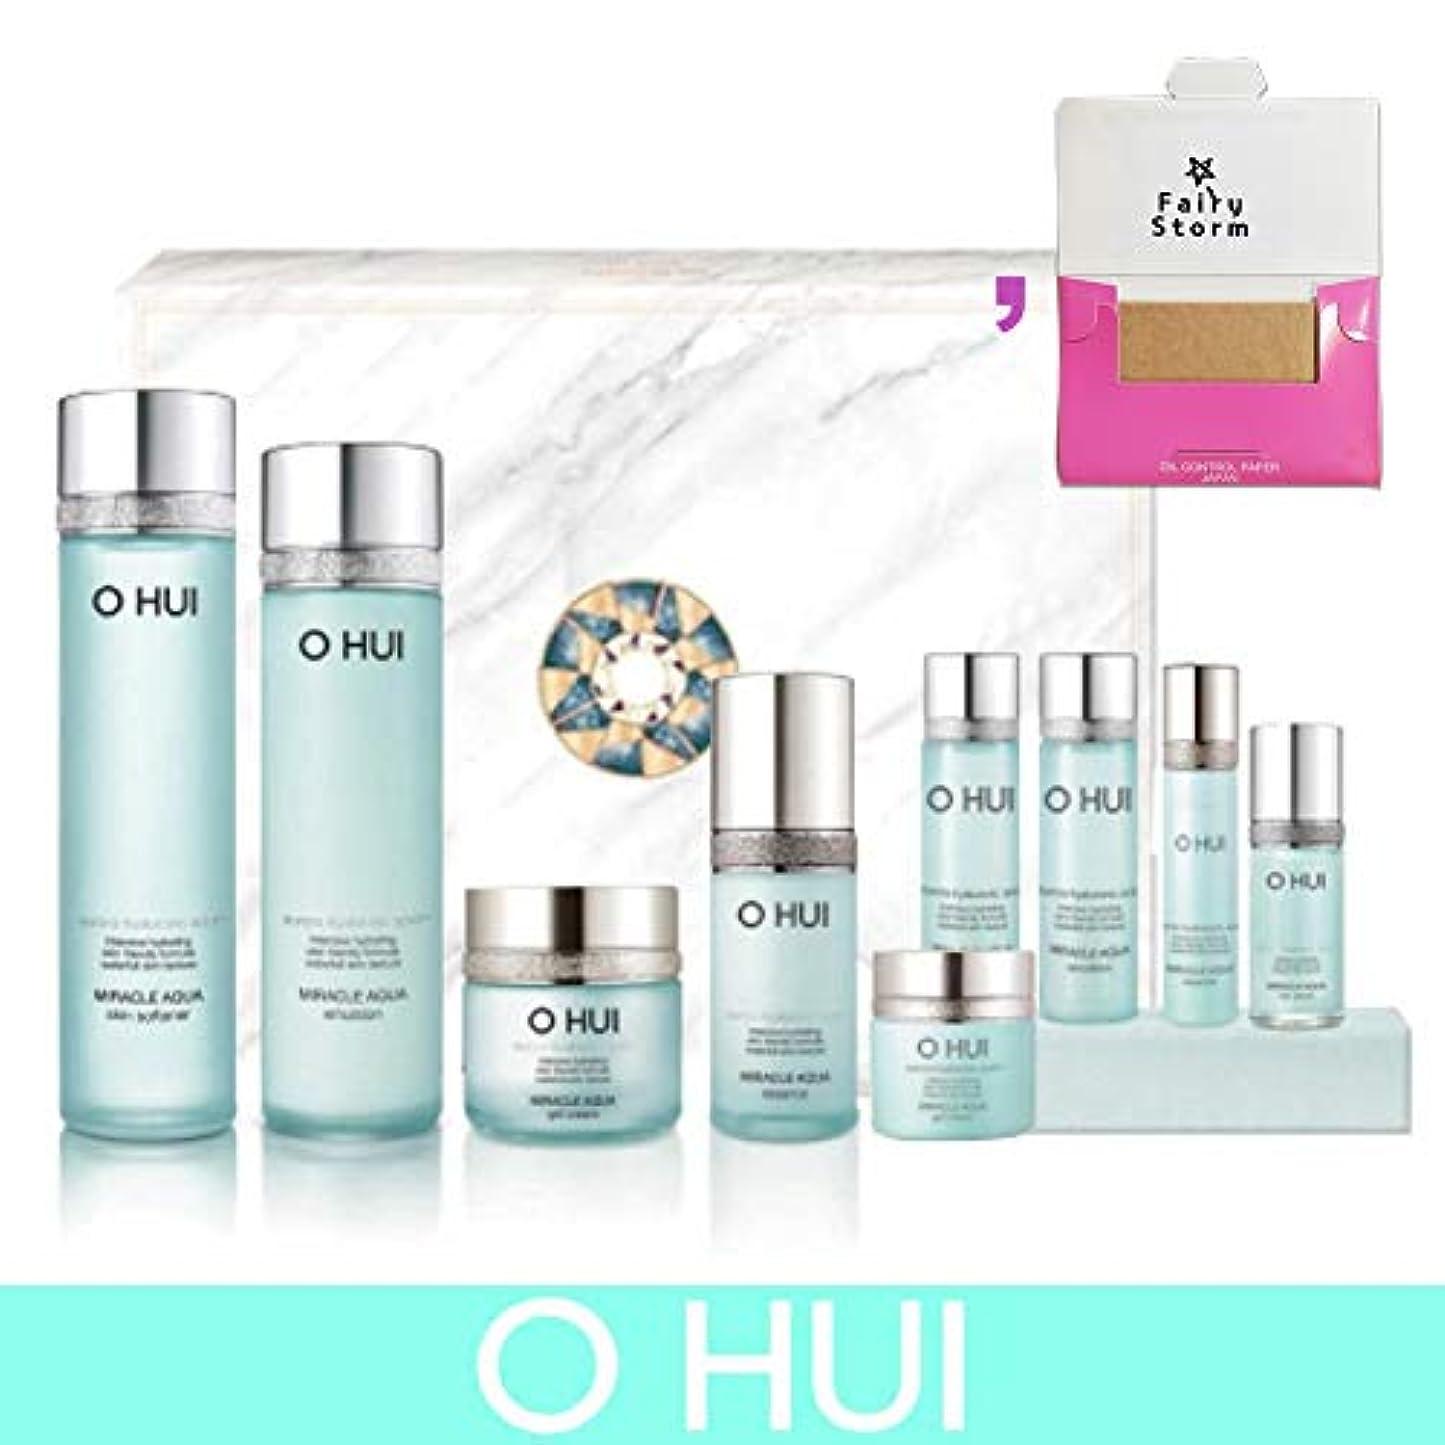 哺乳類飛行場シーン[オフィ/O HUI]韓国化粧品 LG生活健康/O HUI MIRACLE AQUA SPECIAL 4EA SET/ミラクル アクア 4種セット + [Sample Gift](海外直送品)